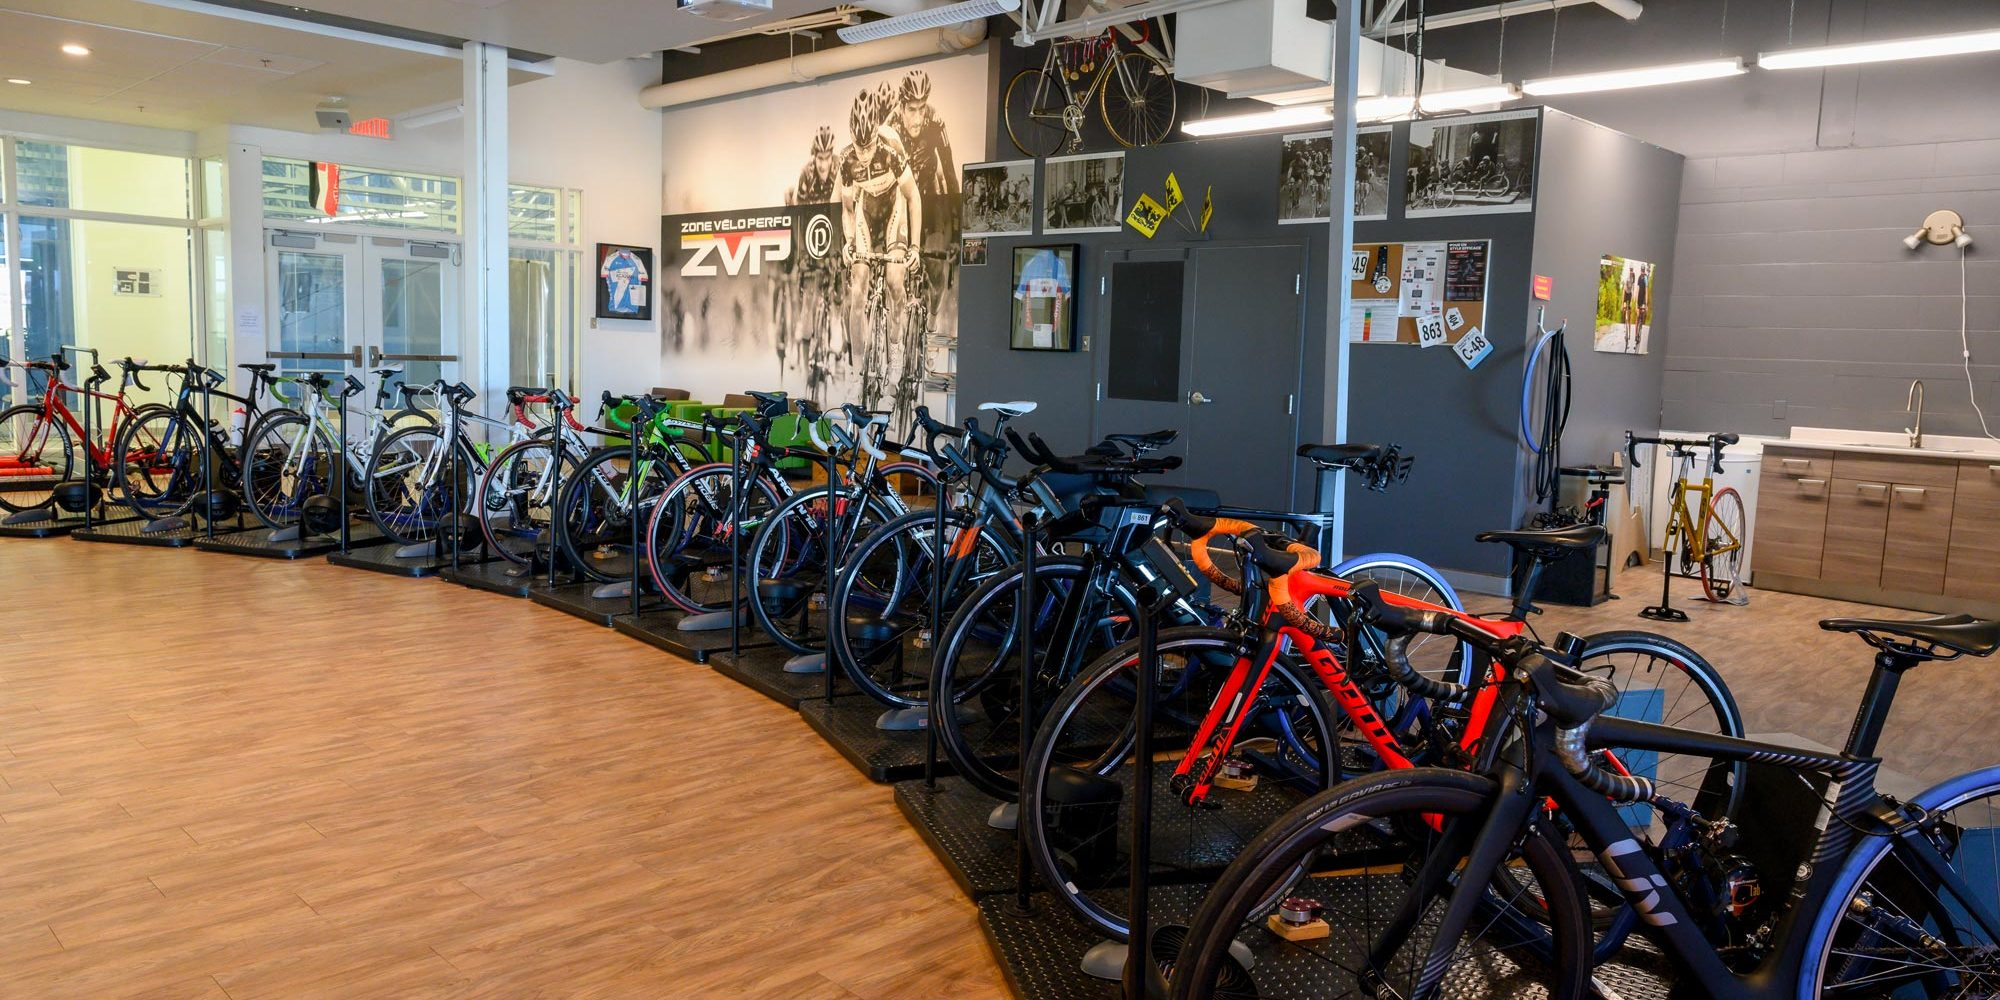 Zone Vélo Perfo-12 stations de computrainer